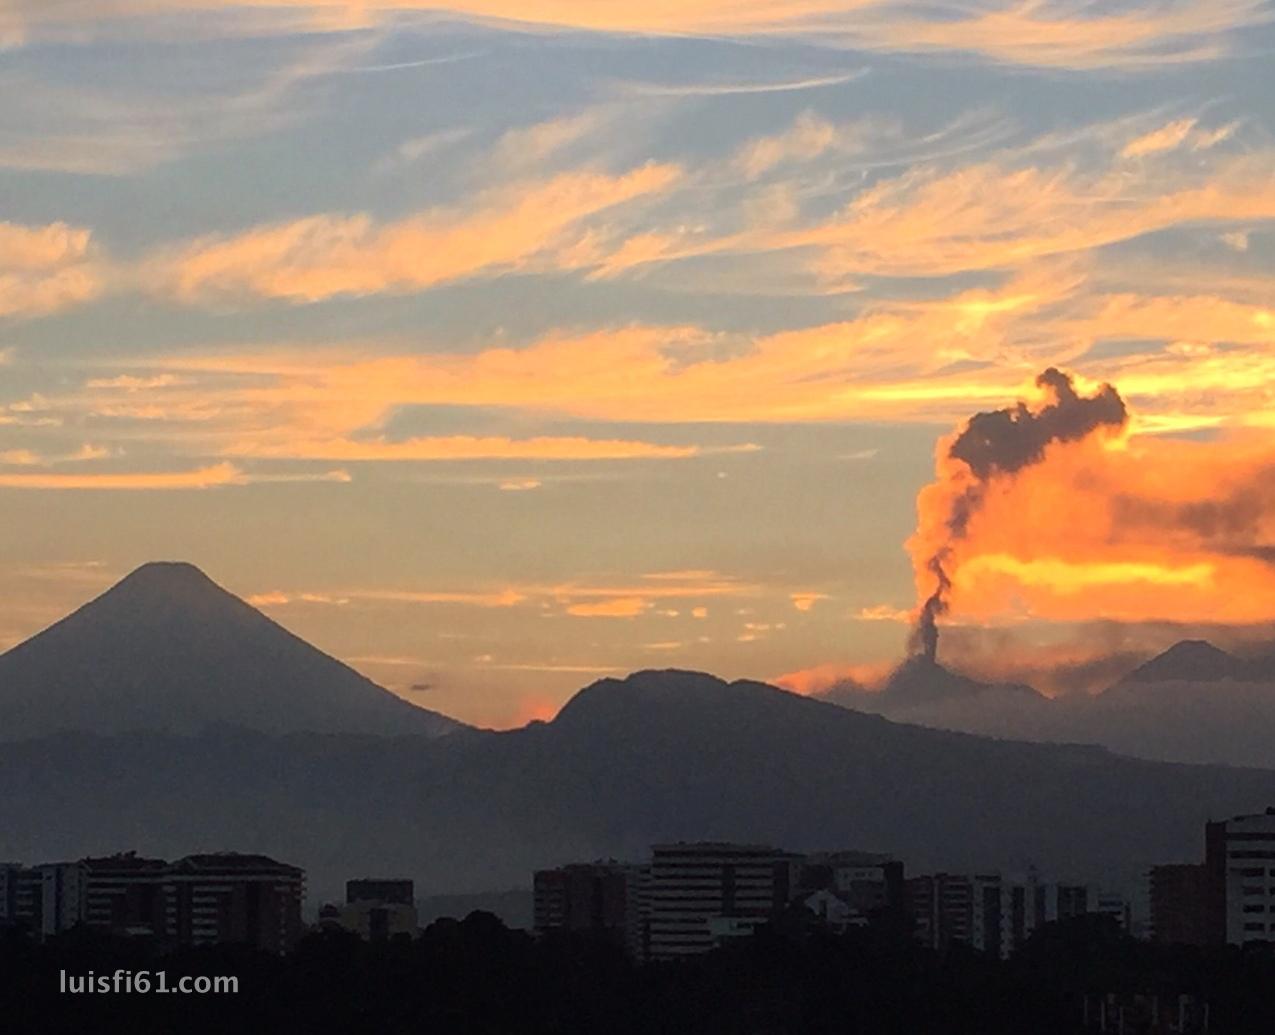 161029-volcan-de-fuego-atardecer-luis-figueroa